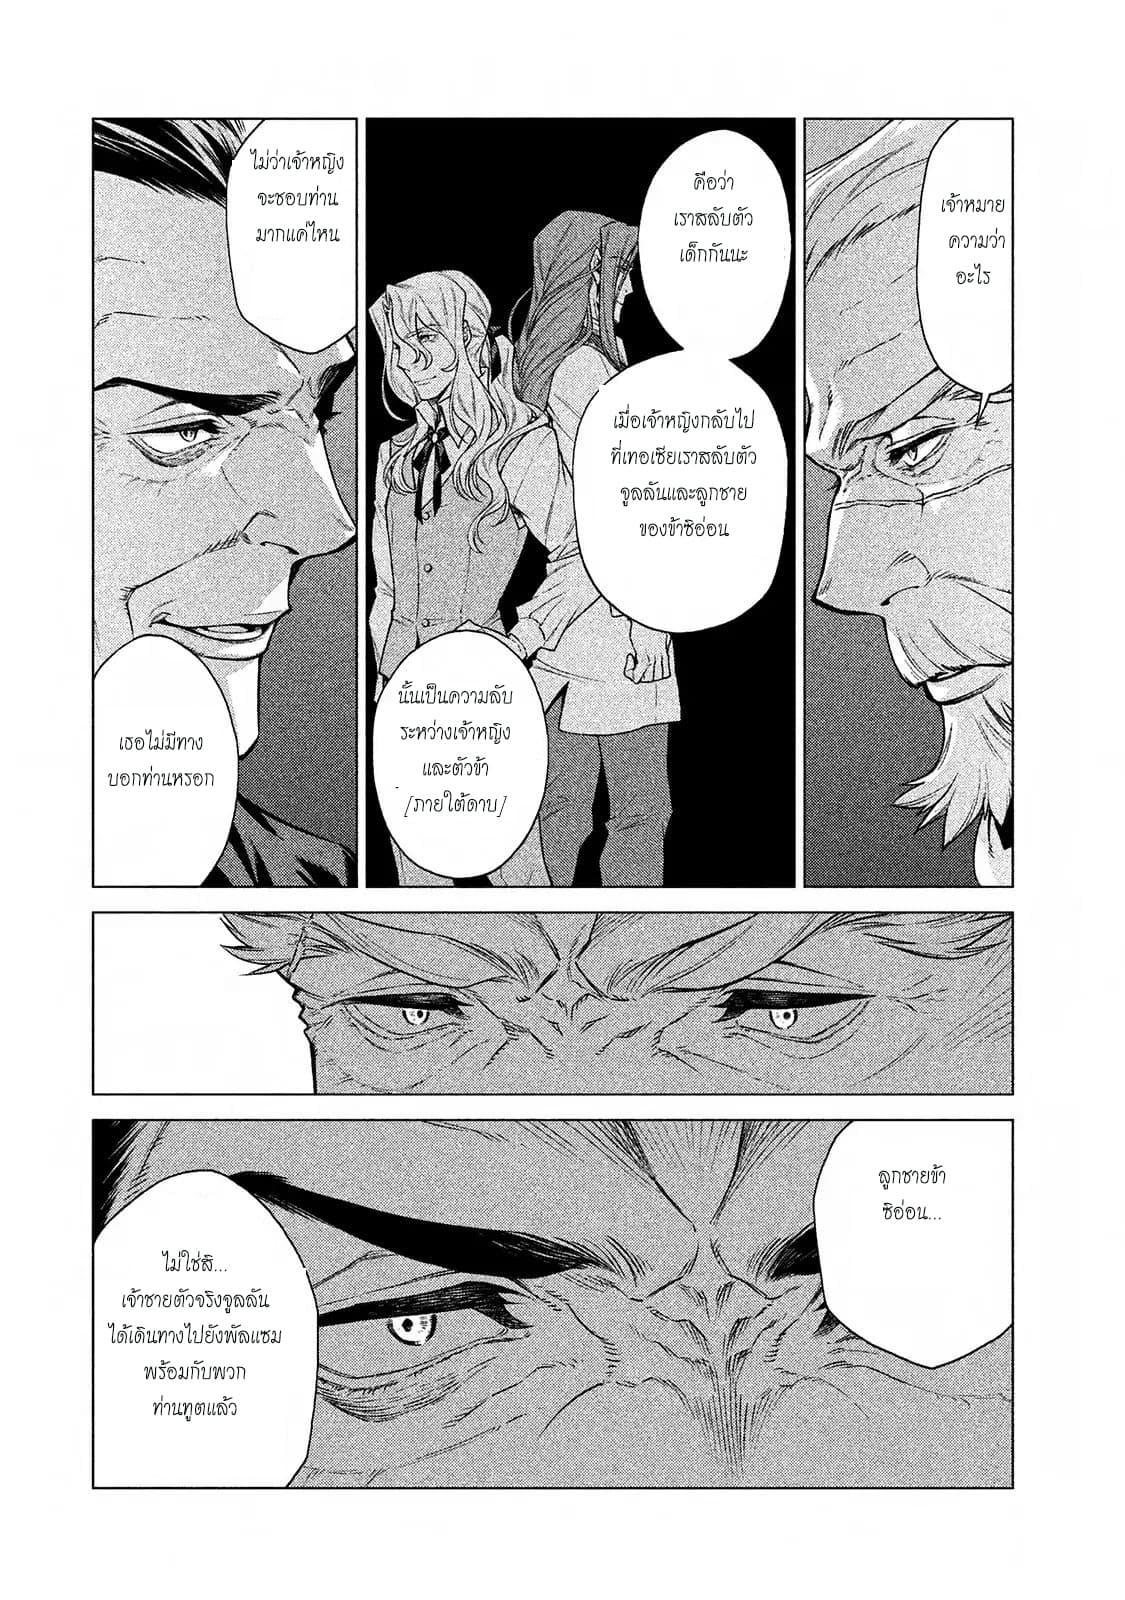 อ่านการ์ตูน Henkyou no Roukishi - Bard Loen ตอนที่ 12 หน้าที่ 24